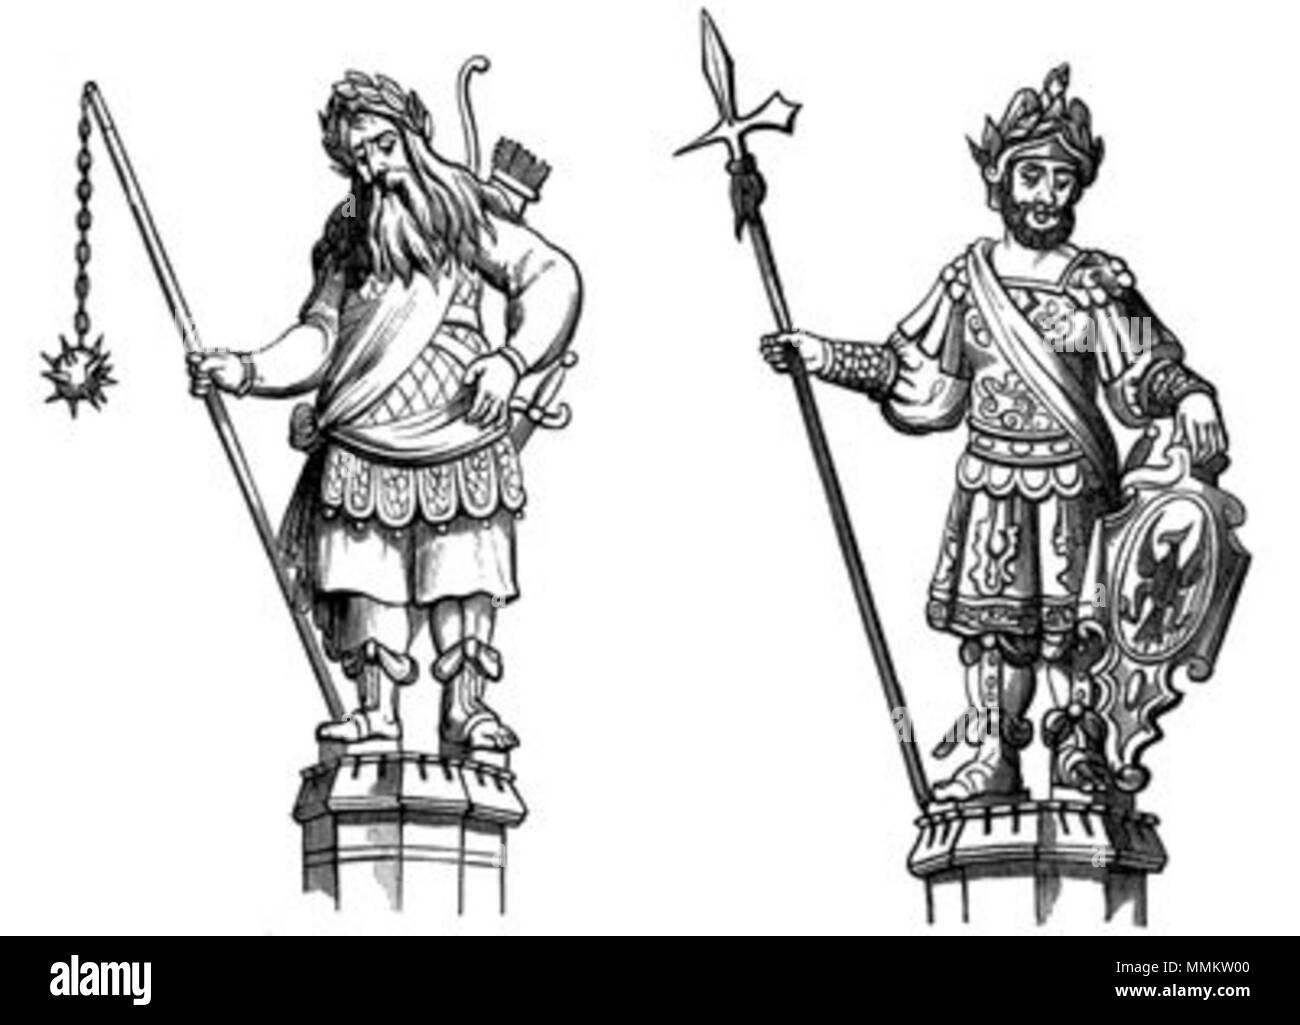 . Inglés: Gog y Magog. Los gigantes en el Guildhall de Londres . 27 de enero de 2012, 14:18:35. Frederick William Fairholt (1814 - 3 de abril de 1866) Gog y Magog Imagen De Stock